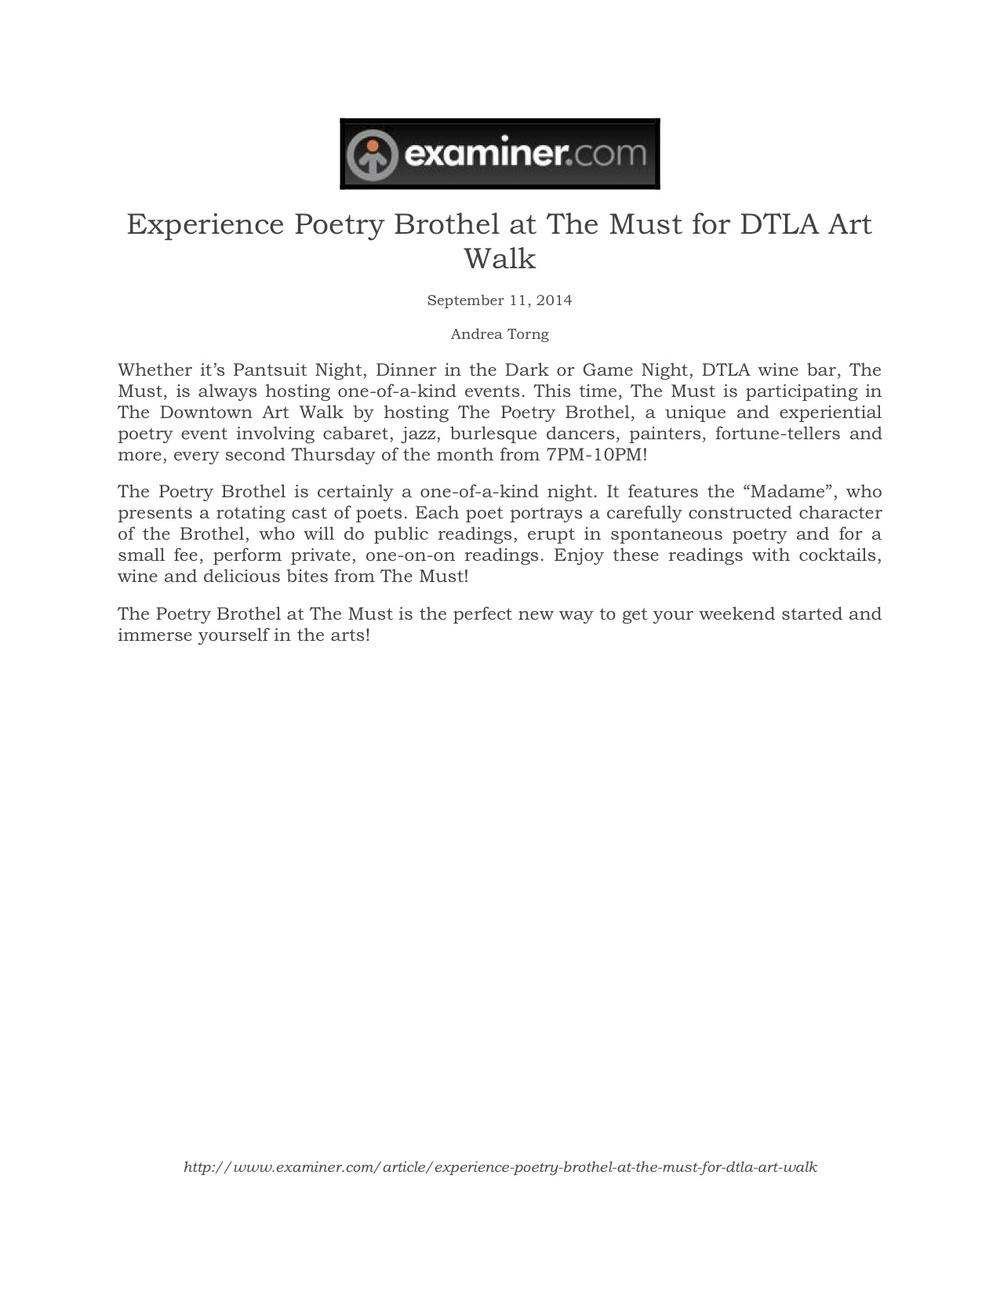 Examiner - 9.11.14.jpg